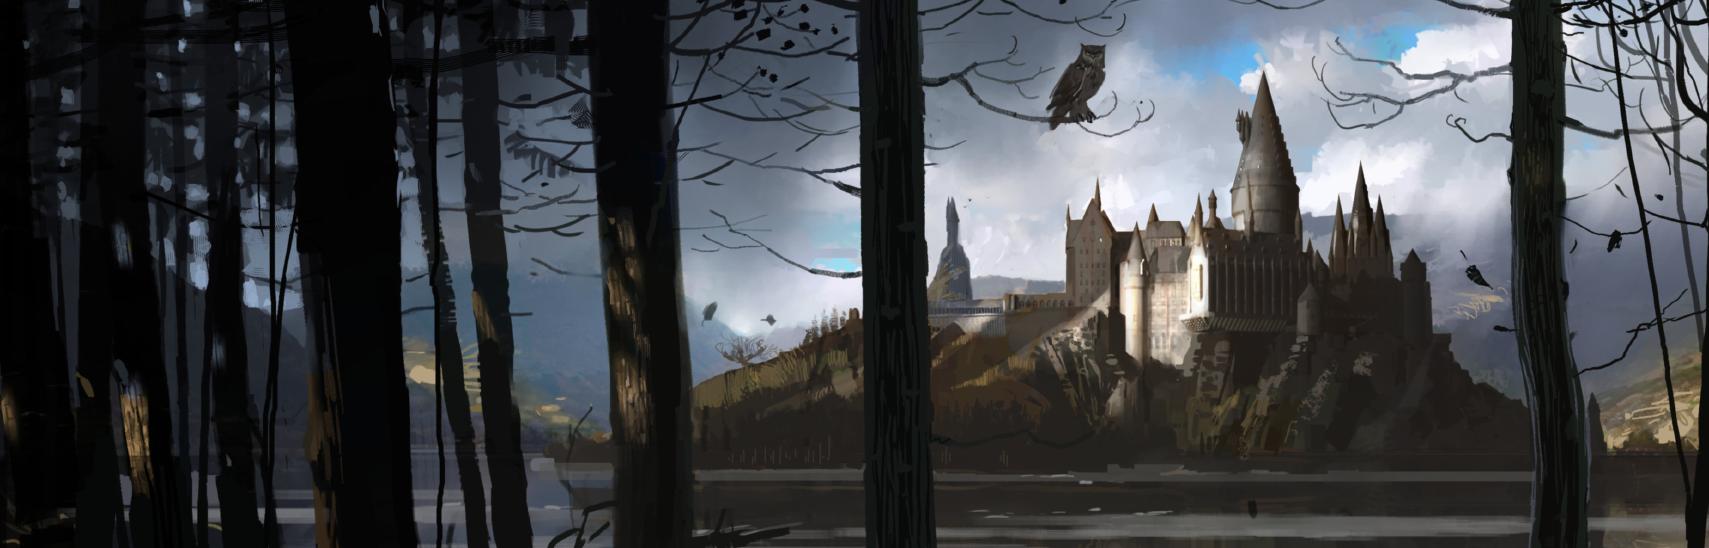 Hogwarts vista através das árvores